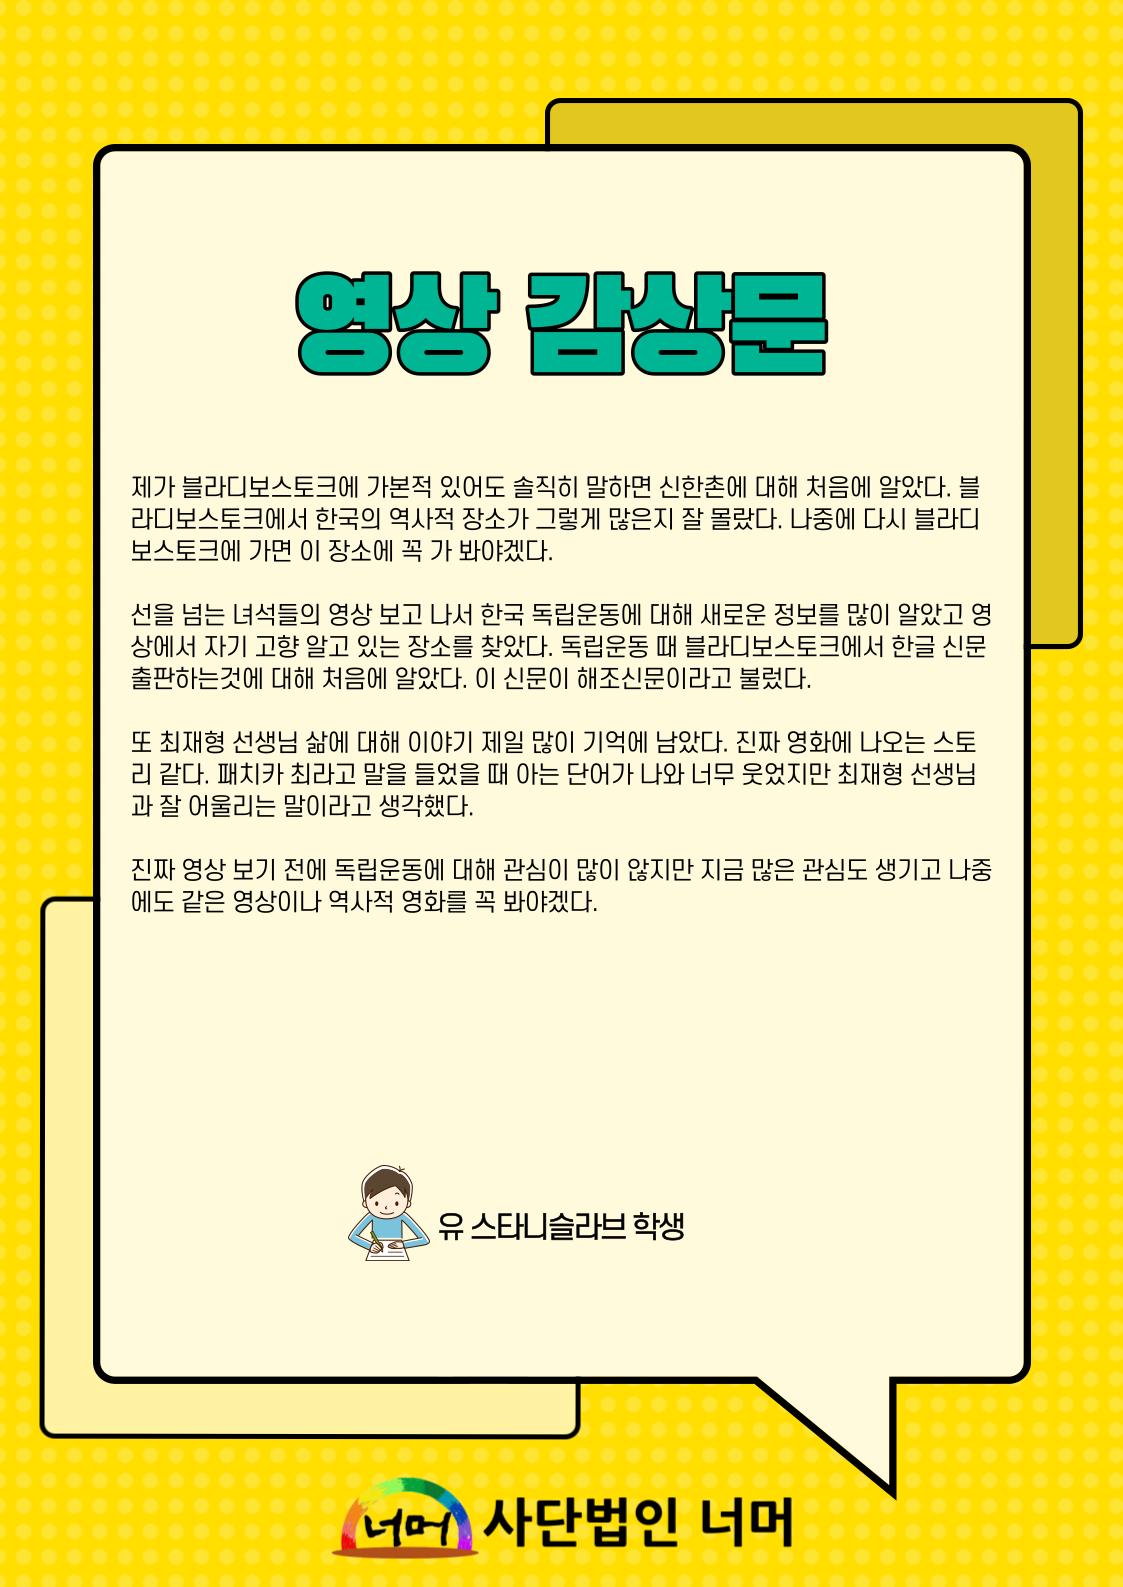 2020.05.20-감상문-3.png